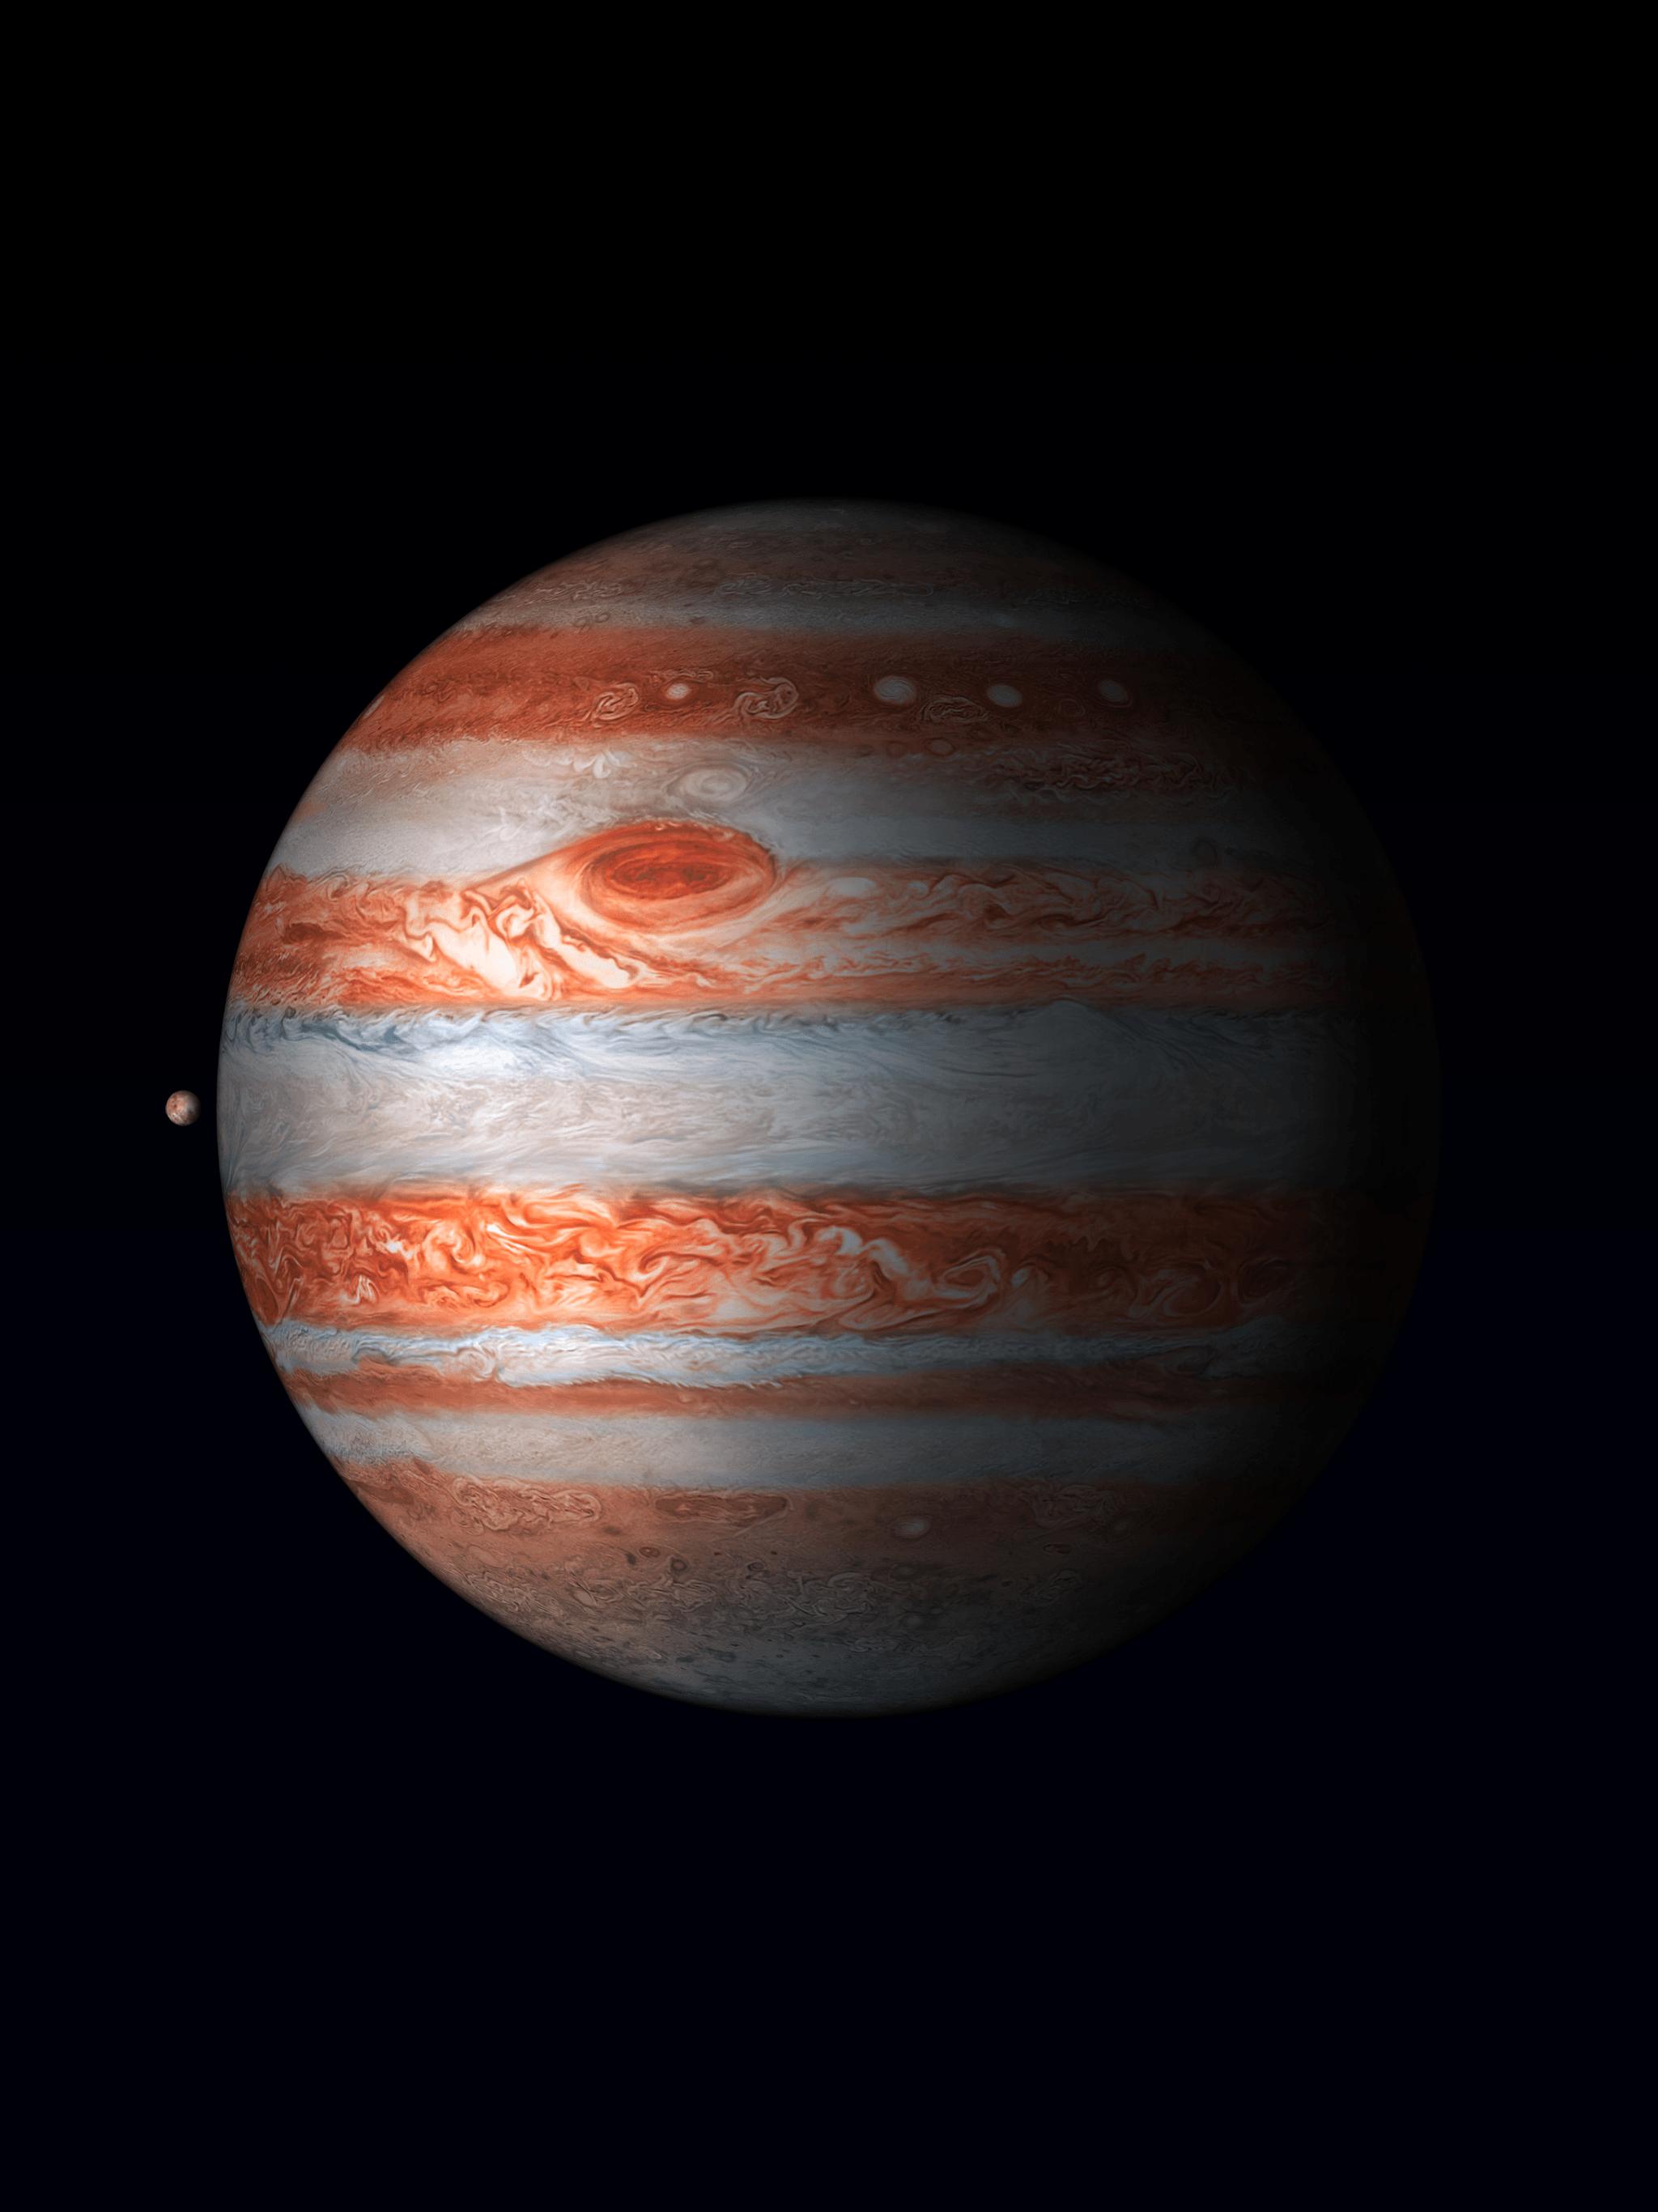 Jupiter 4K Wallpapers Top Free Jupiter 4K Backgrounds